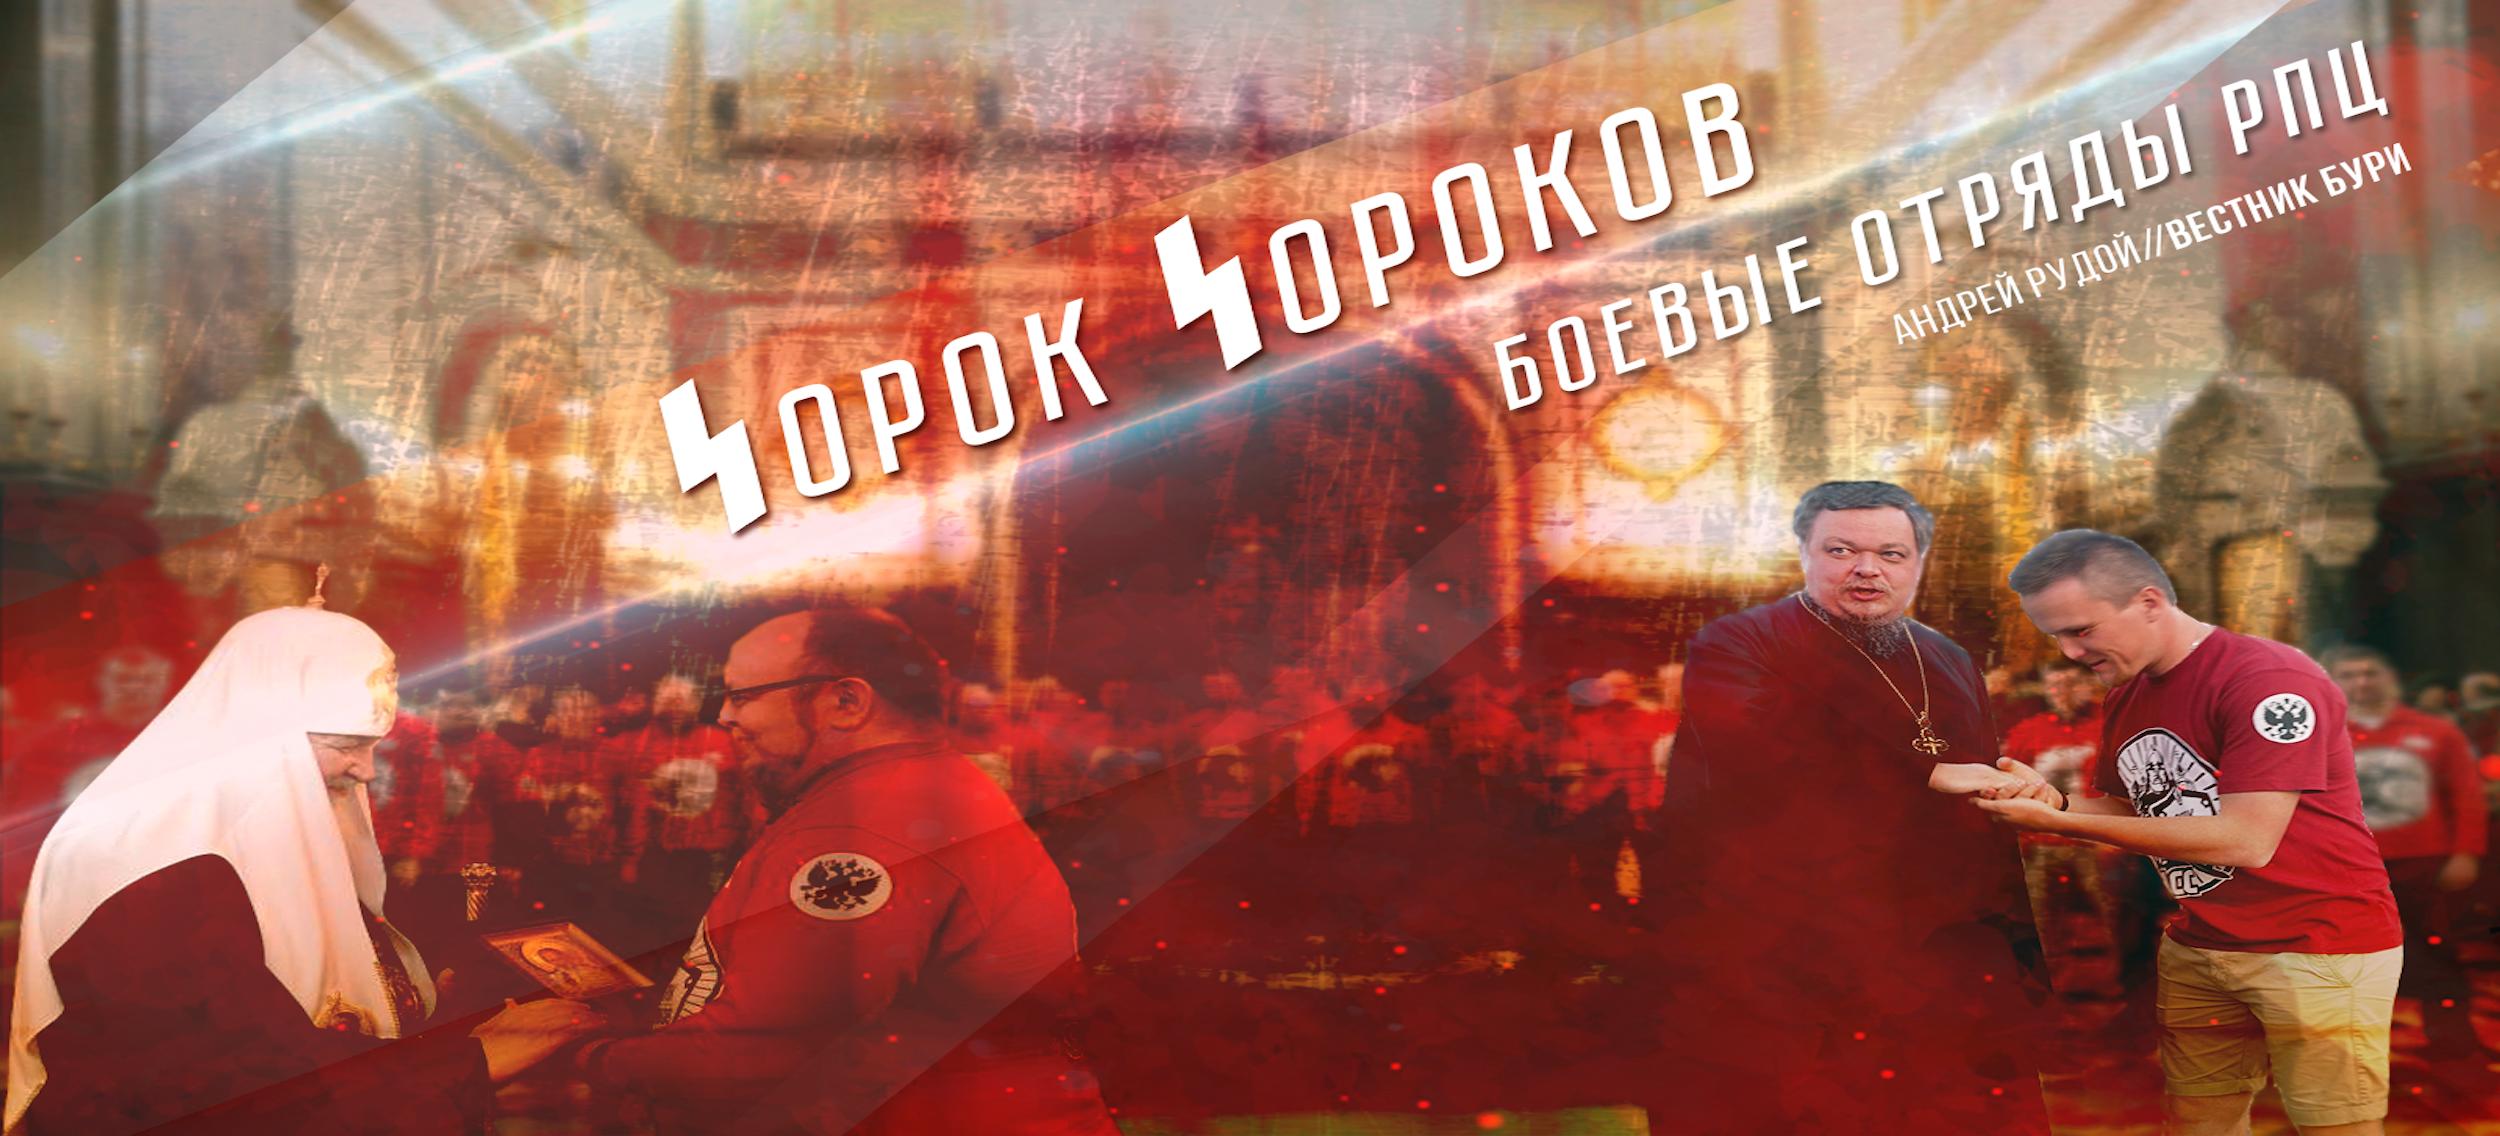 Екатеринбург фестивальный, часть 2: фестиваль традиционных ценностей «Скрепа»